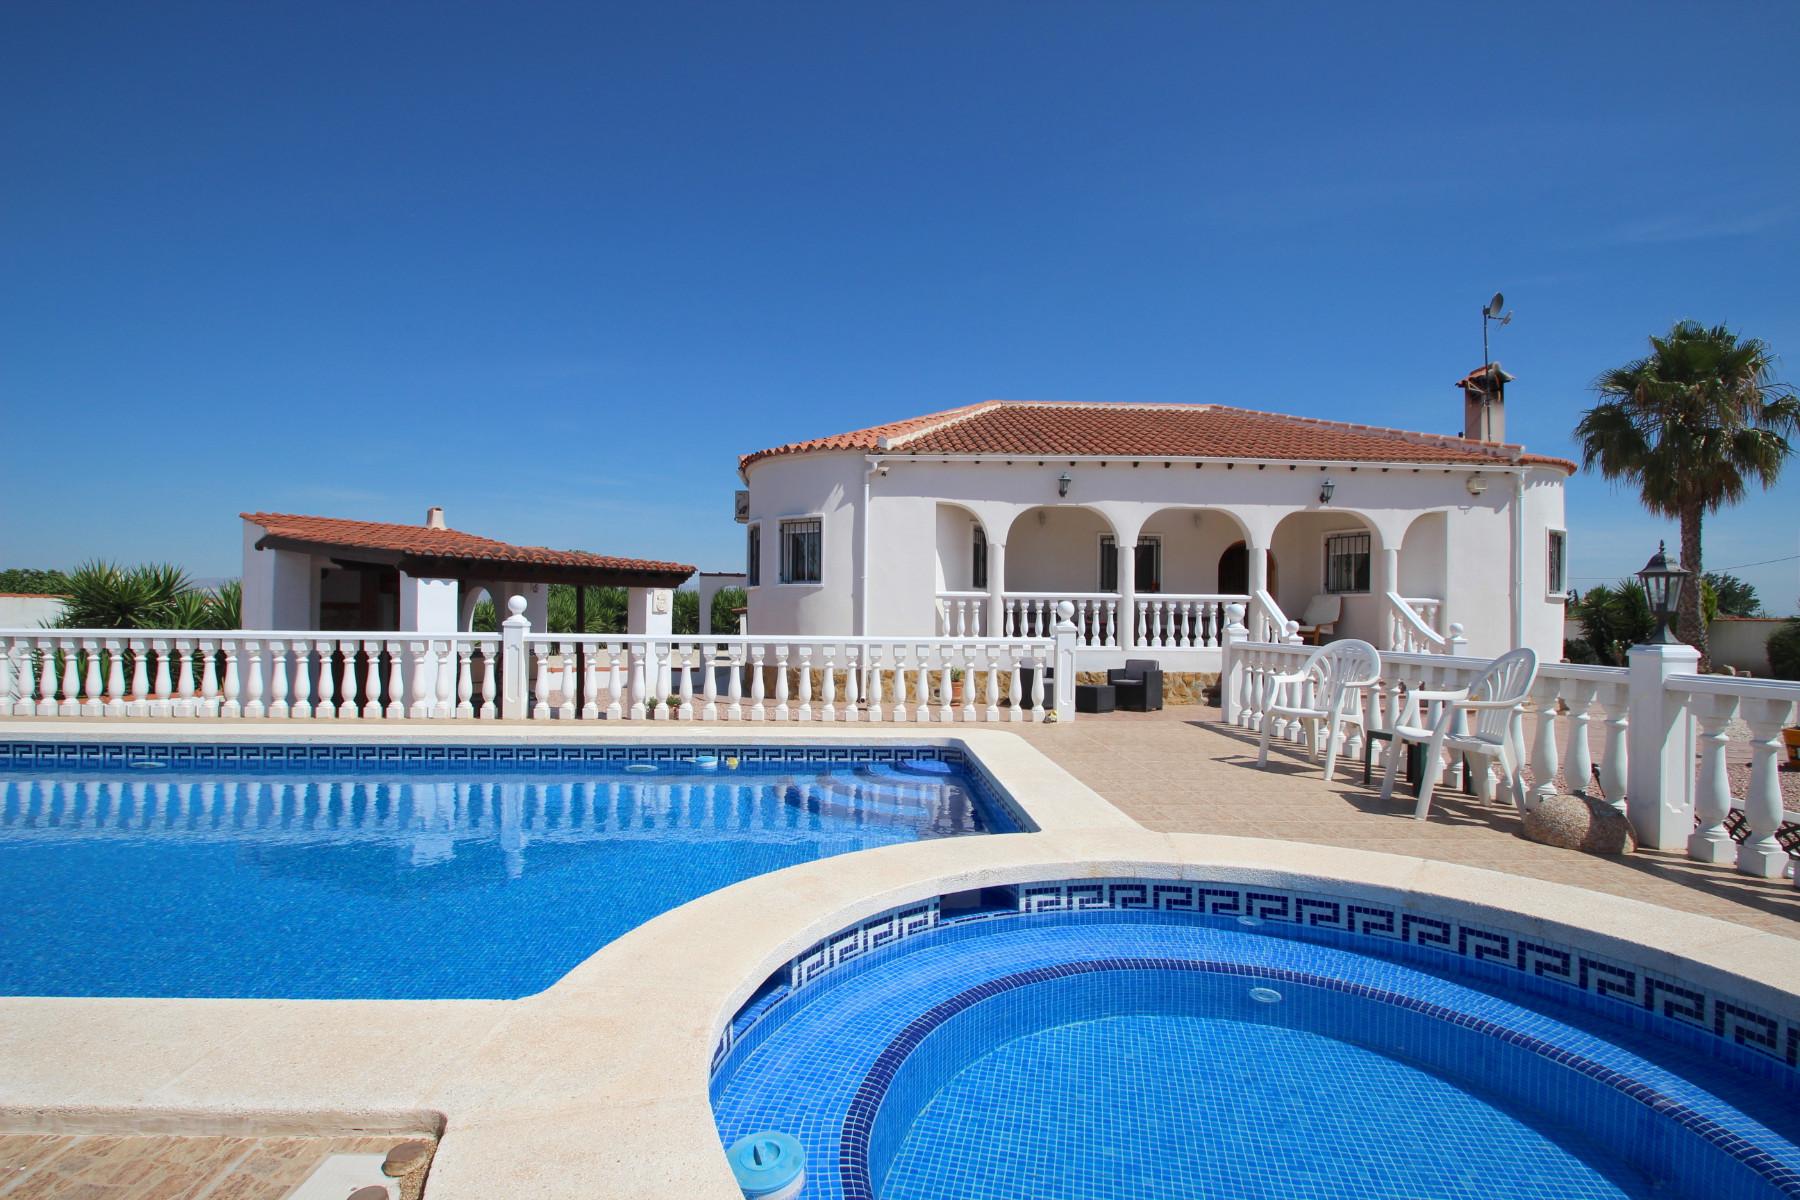 Ref:KT-54845 Country estate For Sale in Almoradi